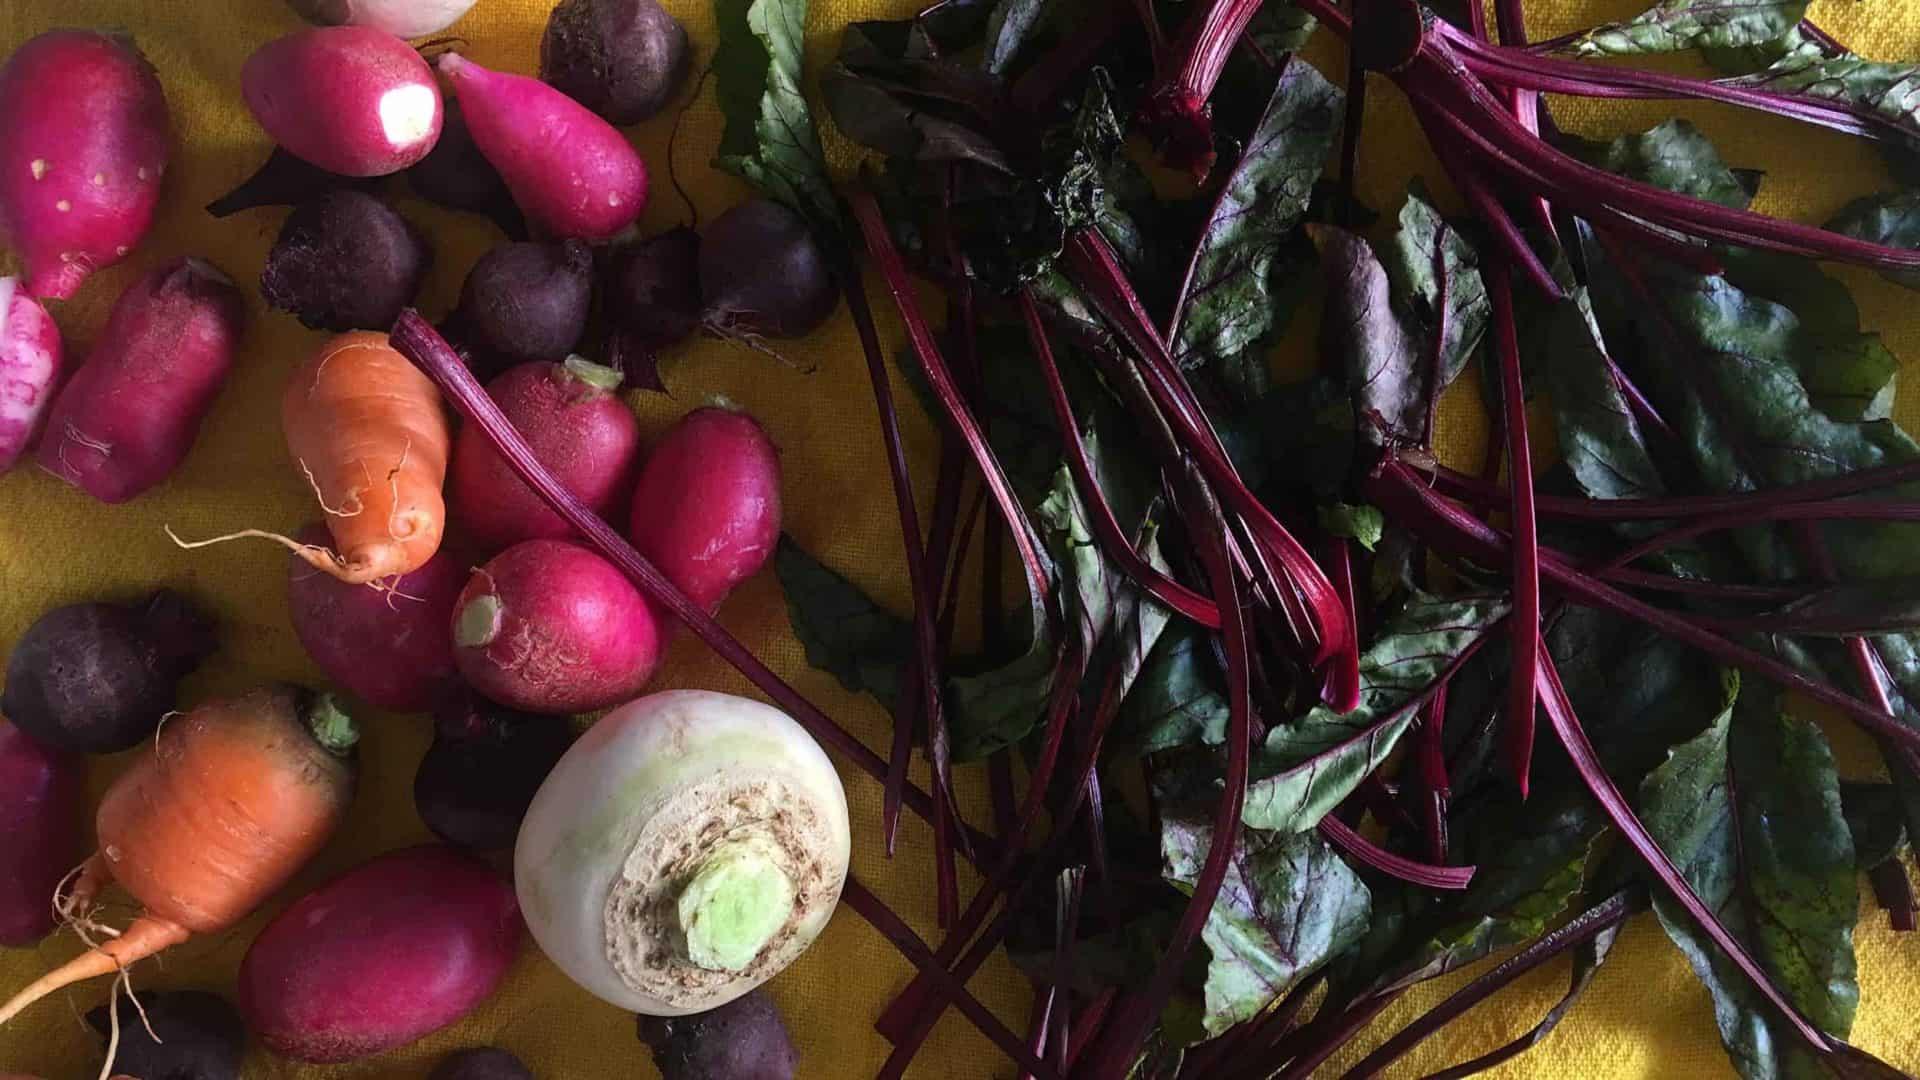 Vegetais diversos, que podem ser melhor aproveitados, como mostra o Guia Prático YAM contra o desperdício de alimentos